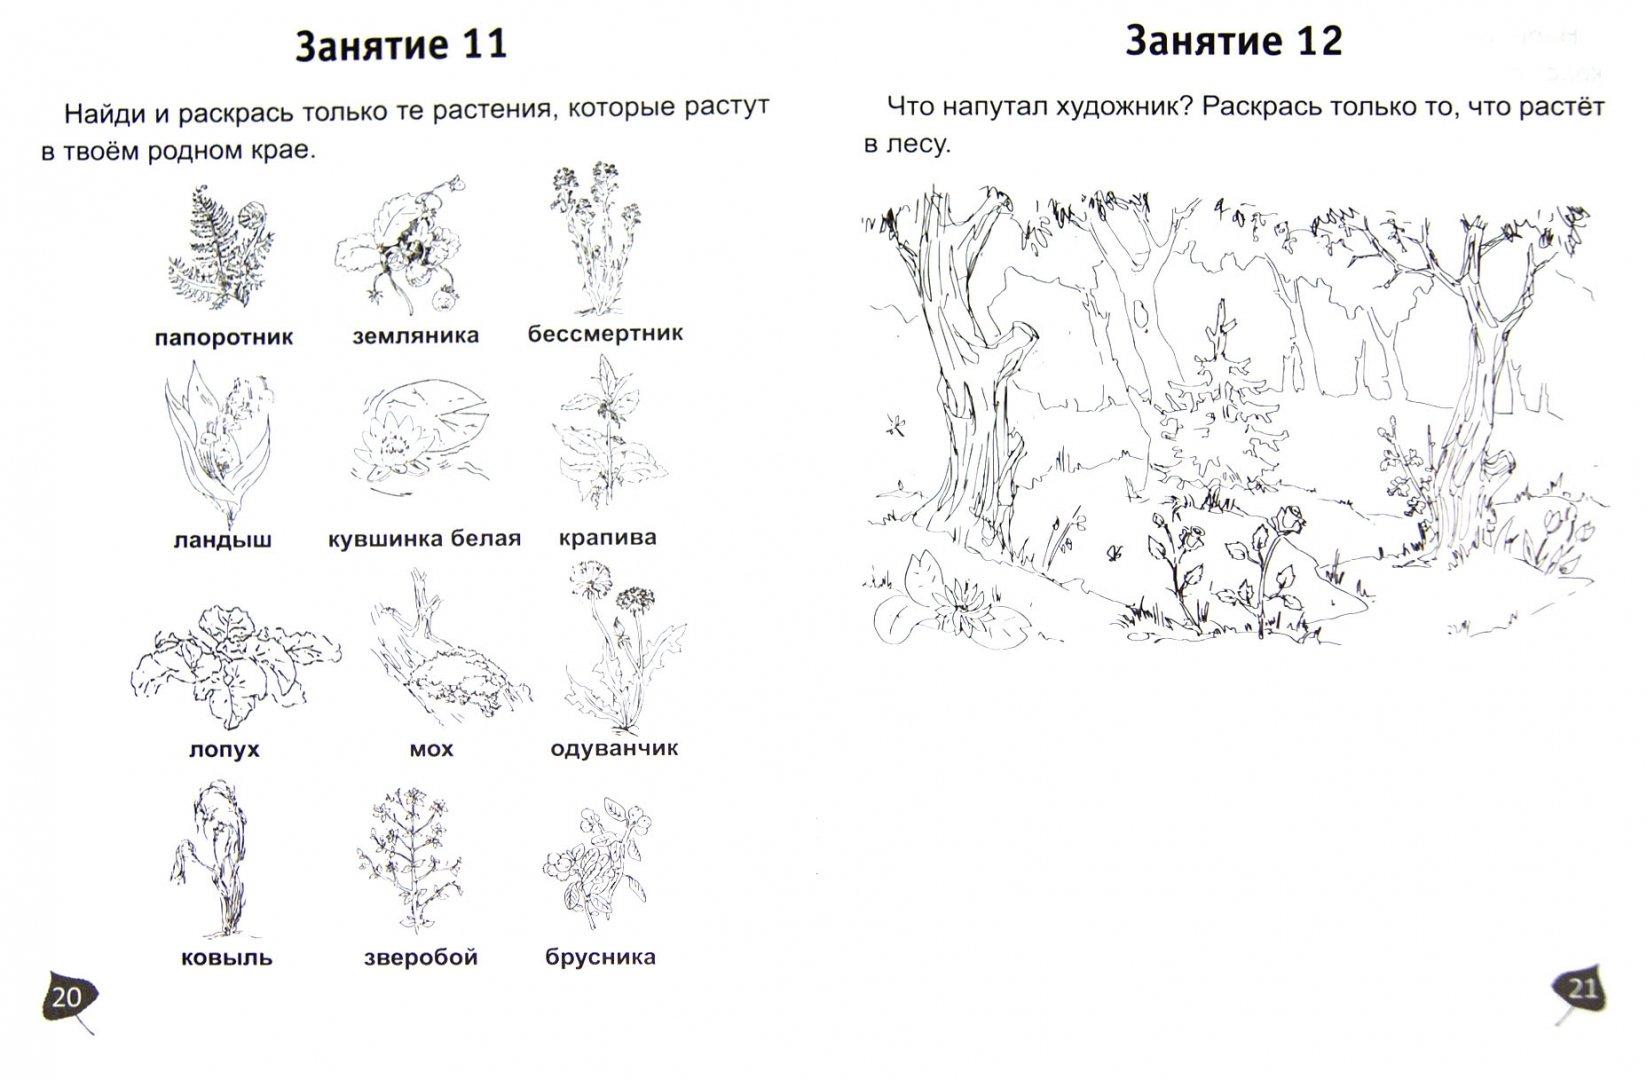 Иллюстрация 1 из 2 для В мире природы. Индивидуальная тетрадь для подготовки к школе детей 5-7 лет - Марина Тарчукова   Лабиринт - книги. Источник: Лабиринт